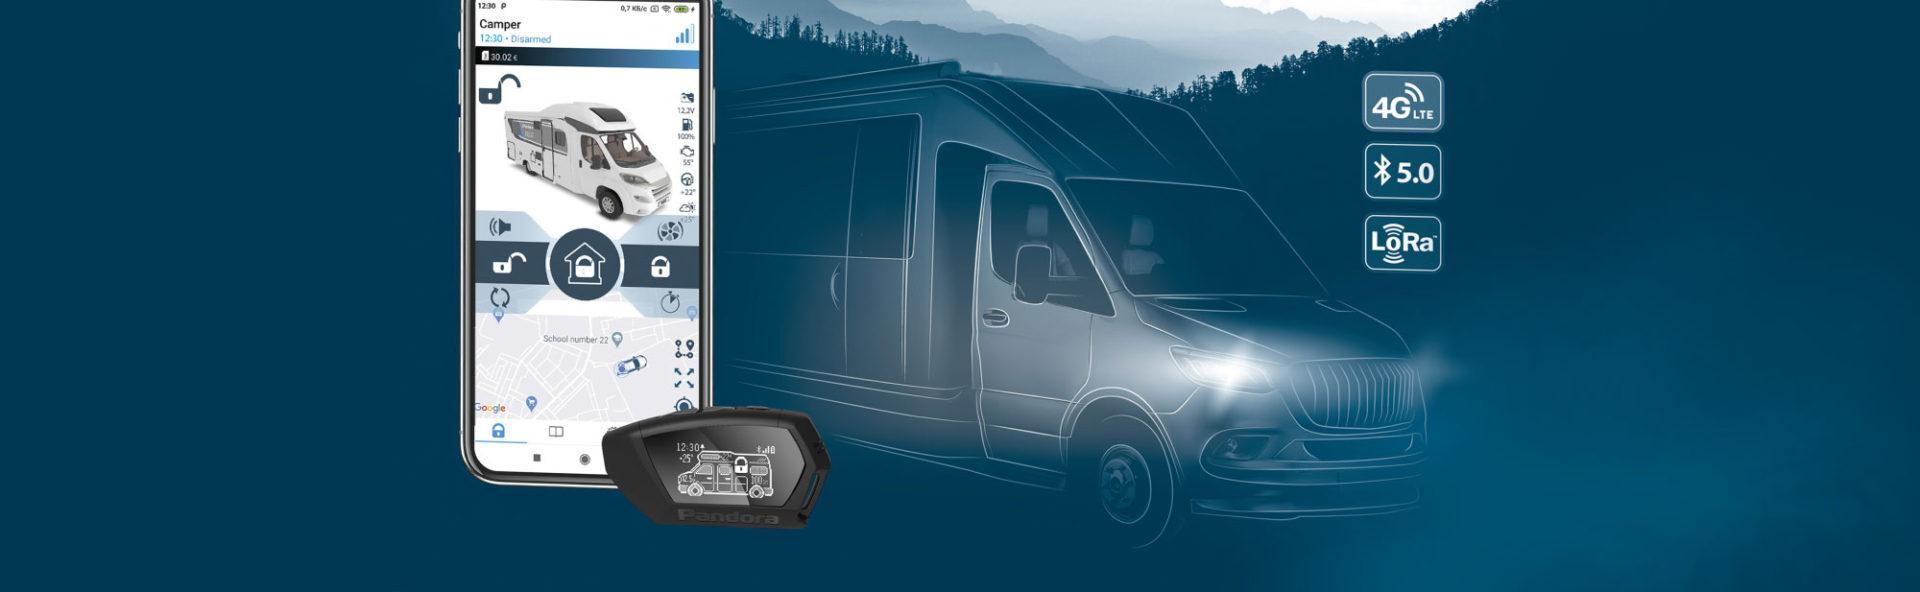 Wohnwagen Alarmanlage Camper pro Sam Technixx